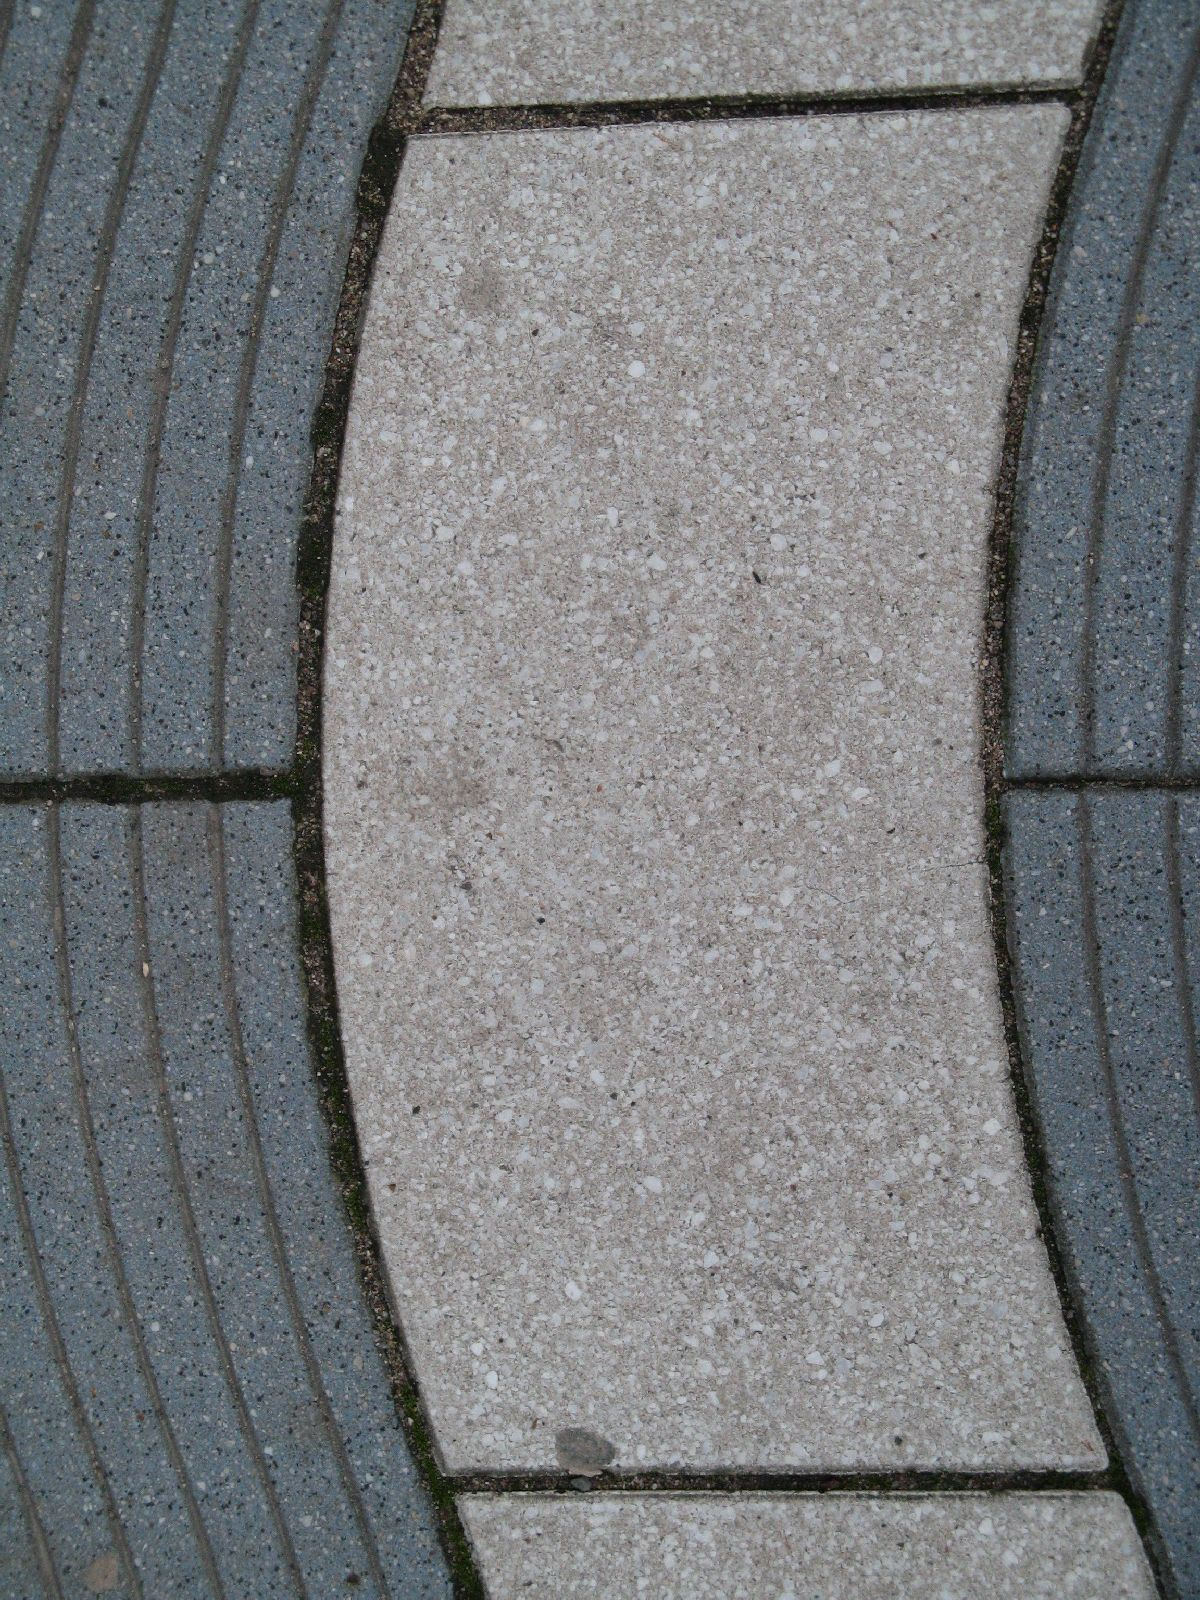 Boden-Gehweg-Strasse-Buergersteig-Textur_B_1123